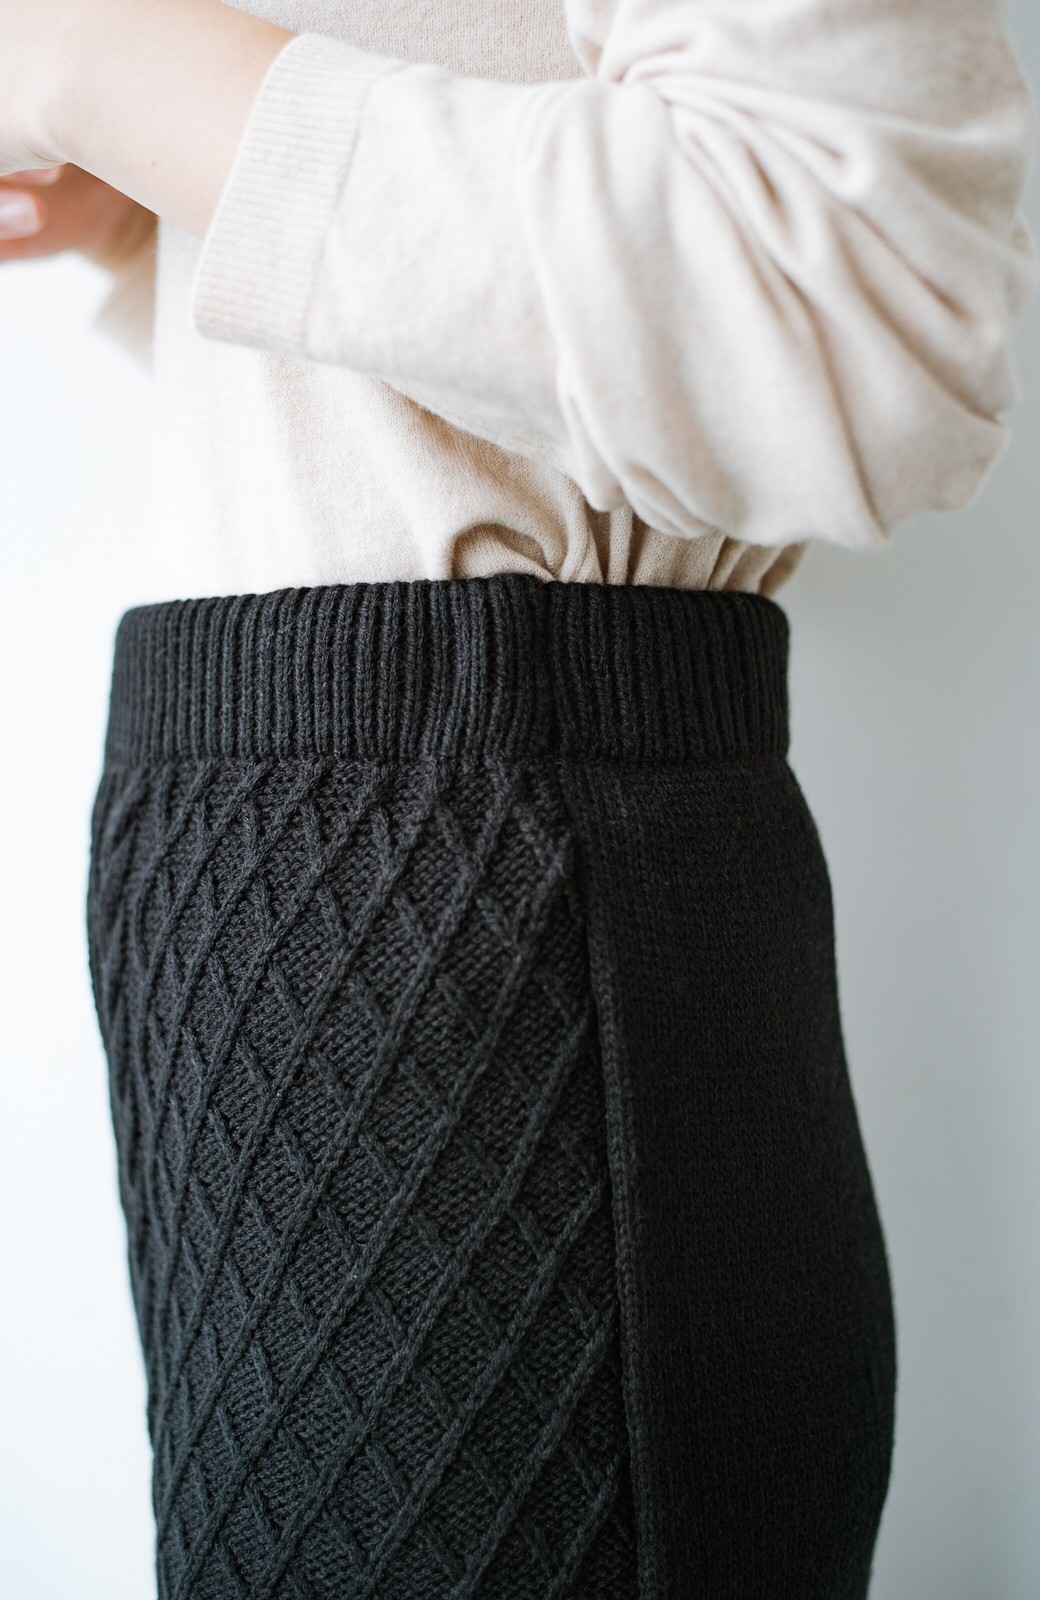 haco! 寝坊した朝でも挽回できる パッと着てかわいい便利なニットアップ <ブラック>の商品写真10